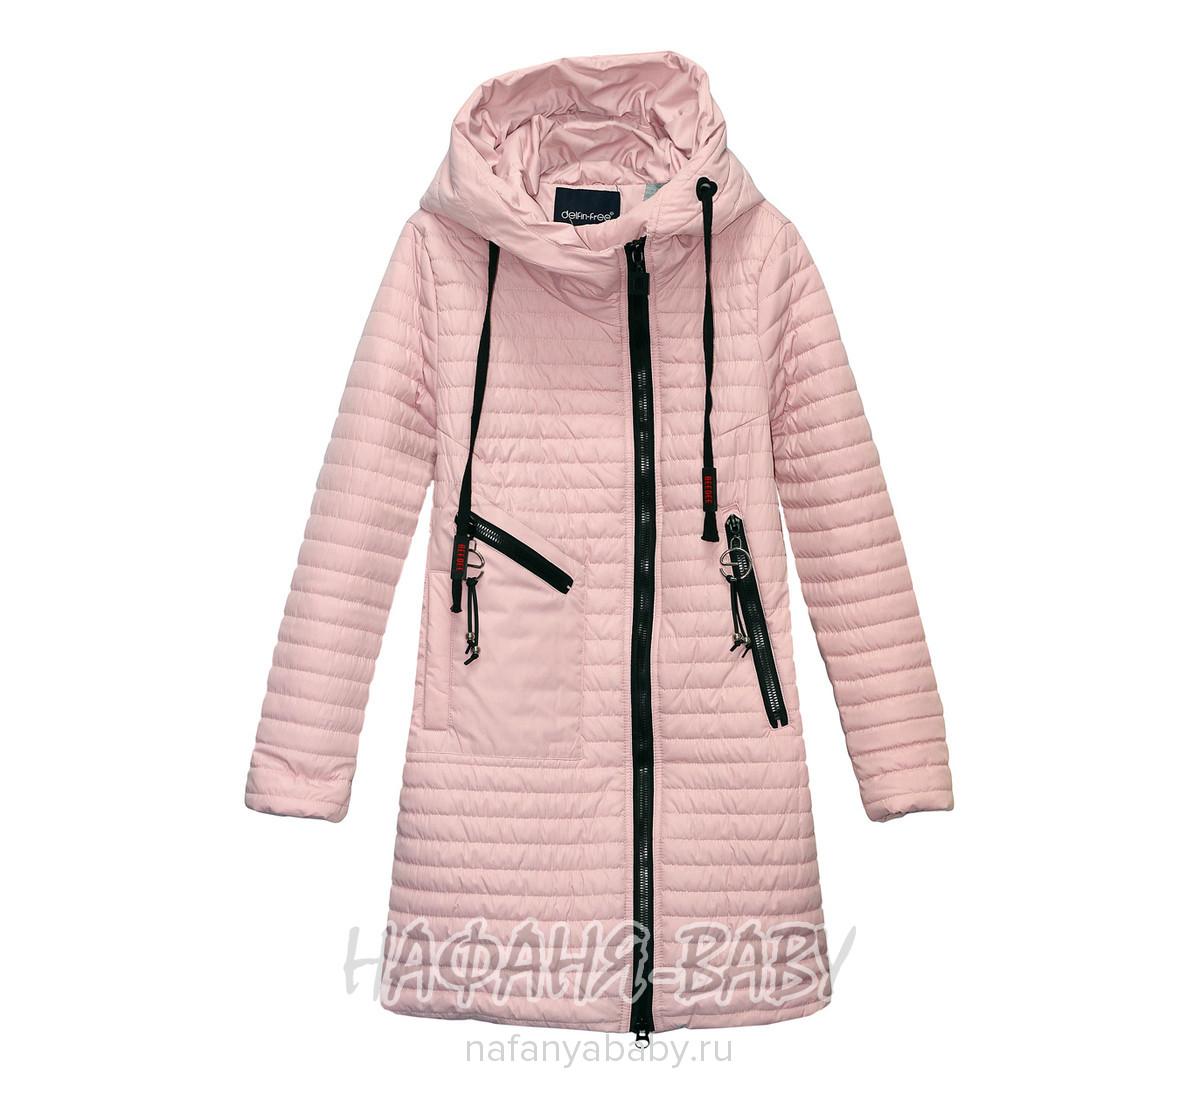 Подростковое пальто для девочки